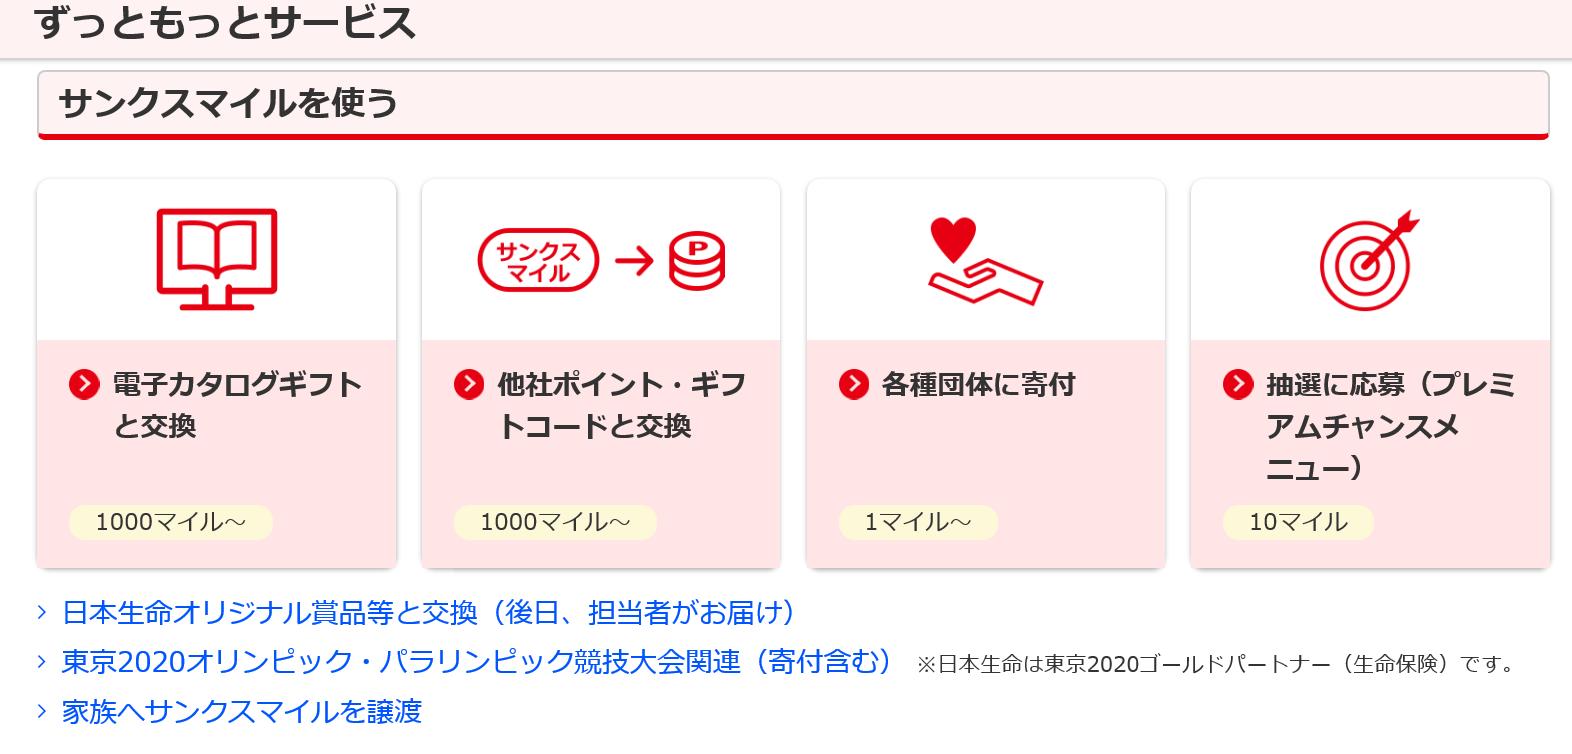 ポイント 日本 生命